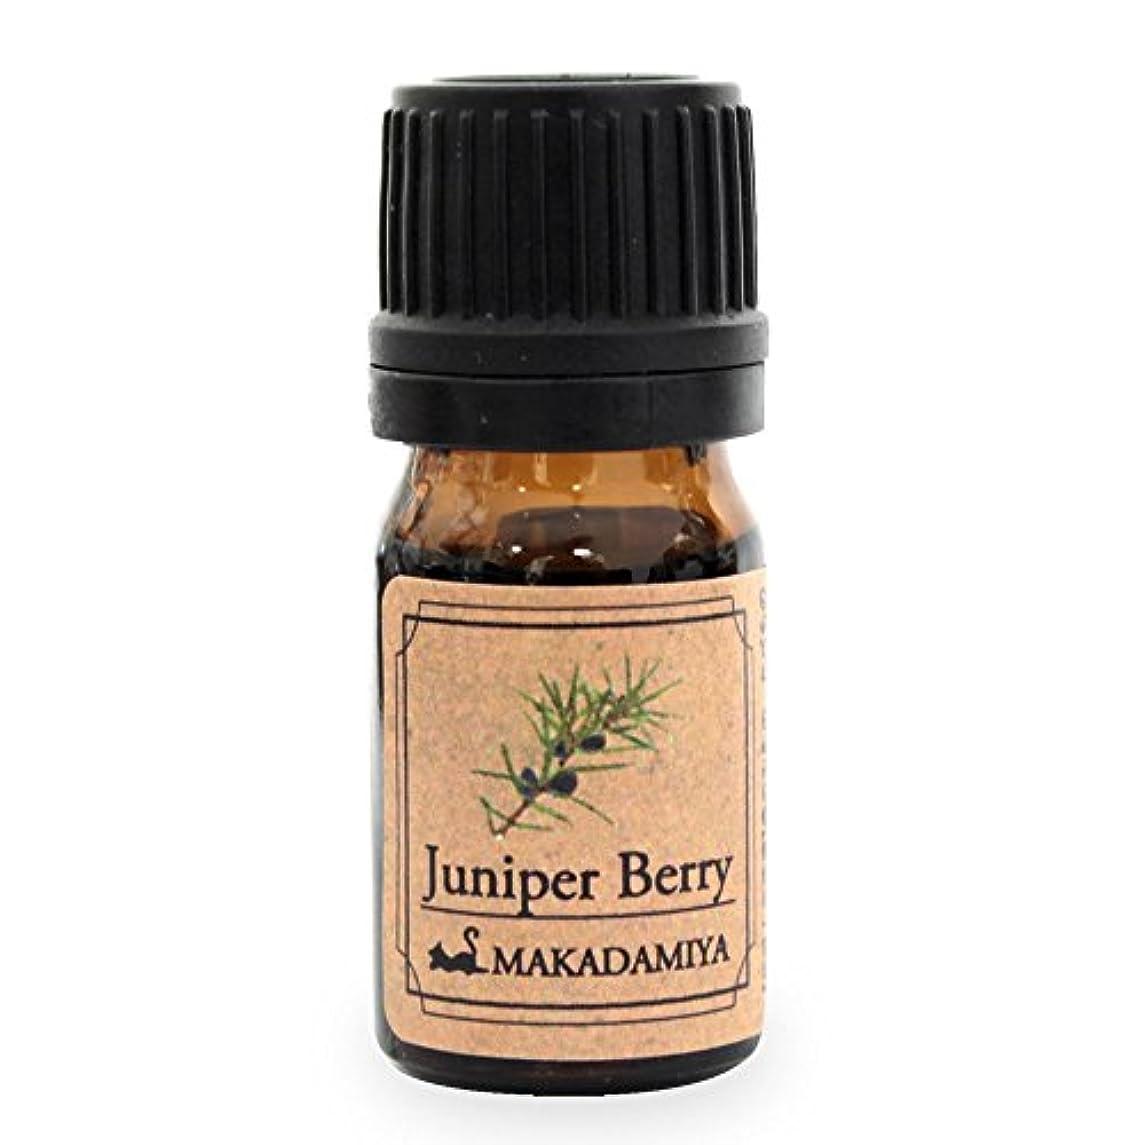 架空の路地外交官ジュニパーベリー5ml 天然100%植物性 エッセンシャルオイル(精油) アロマオイル アロママッサージ aroma Junipe Berry